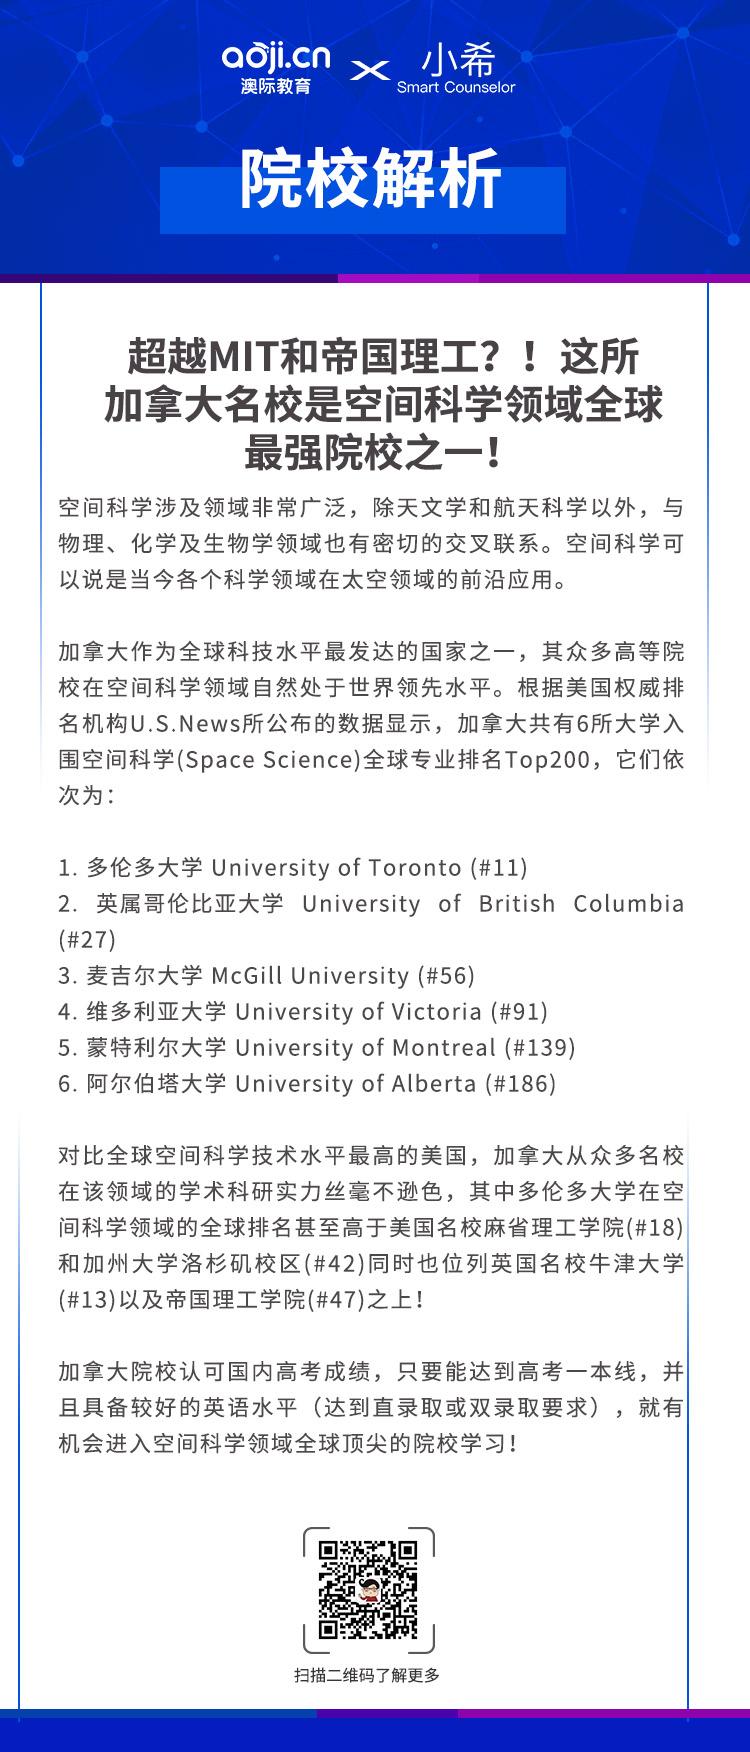 超越MIT和帝國理工?!這所加拿大名校是空間科學領域全球最強院校之一!